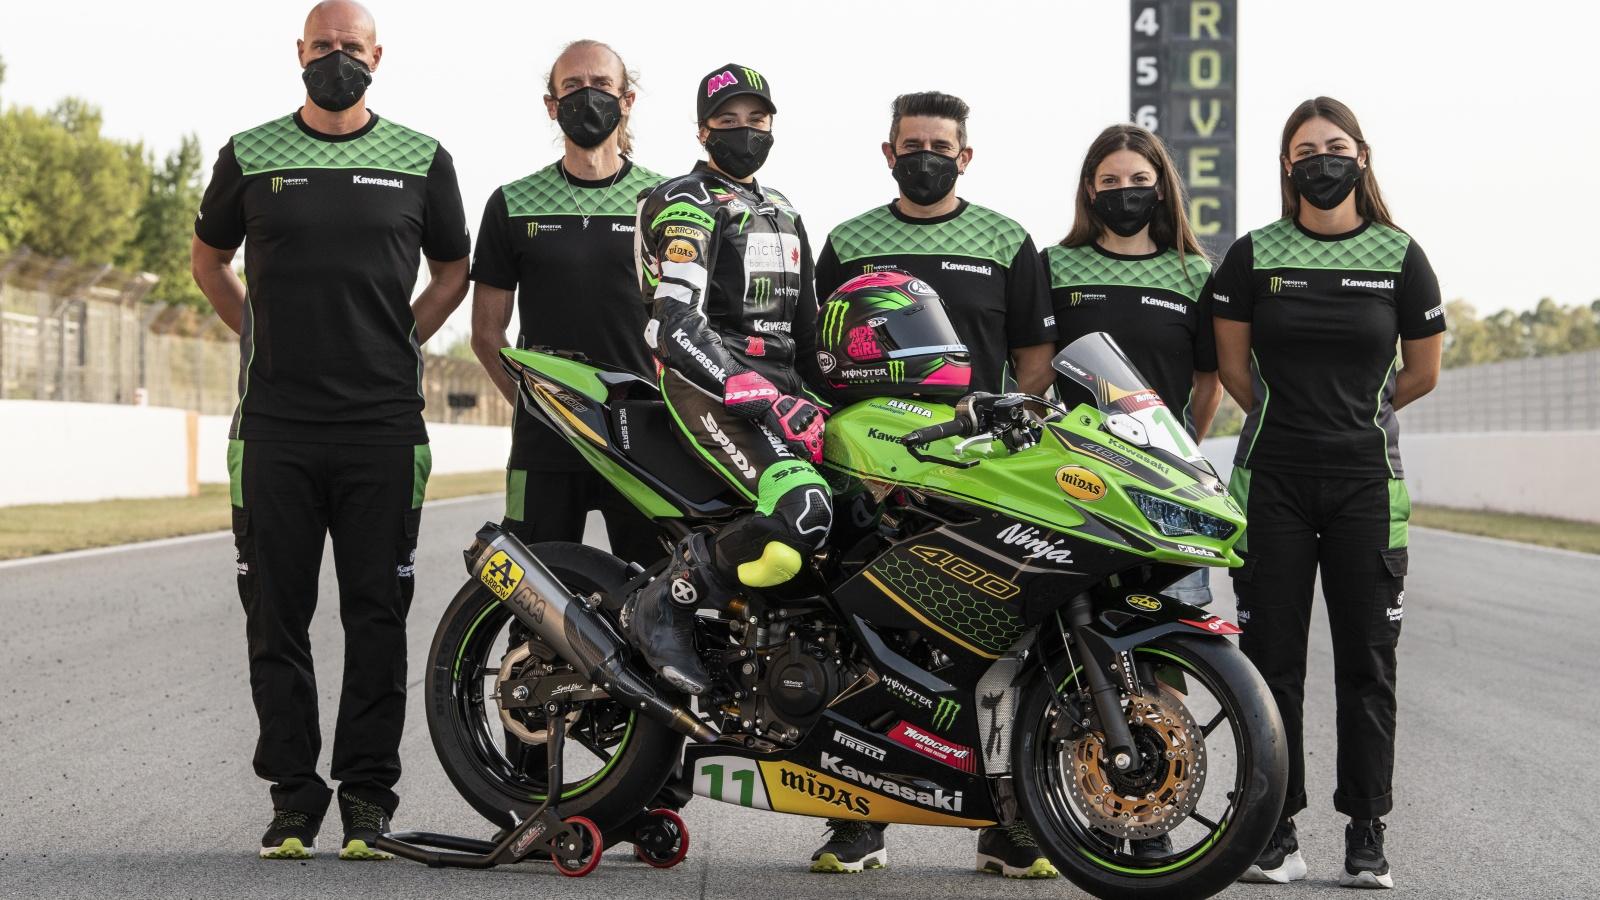 Kawasaki Ninja 400 2020 Ana Carrasco